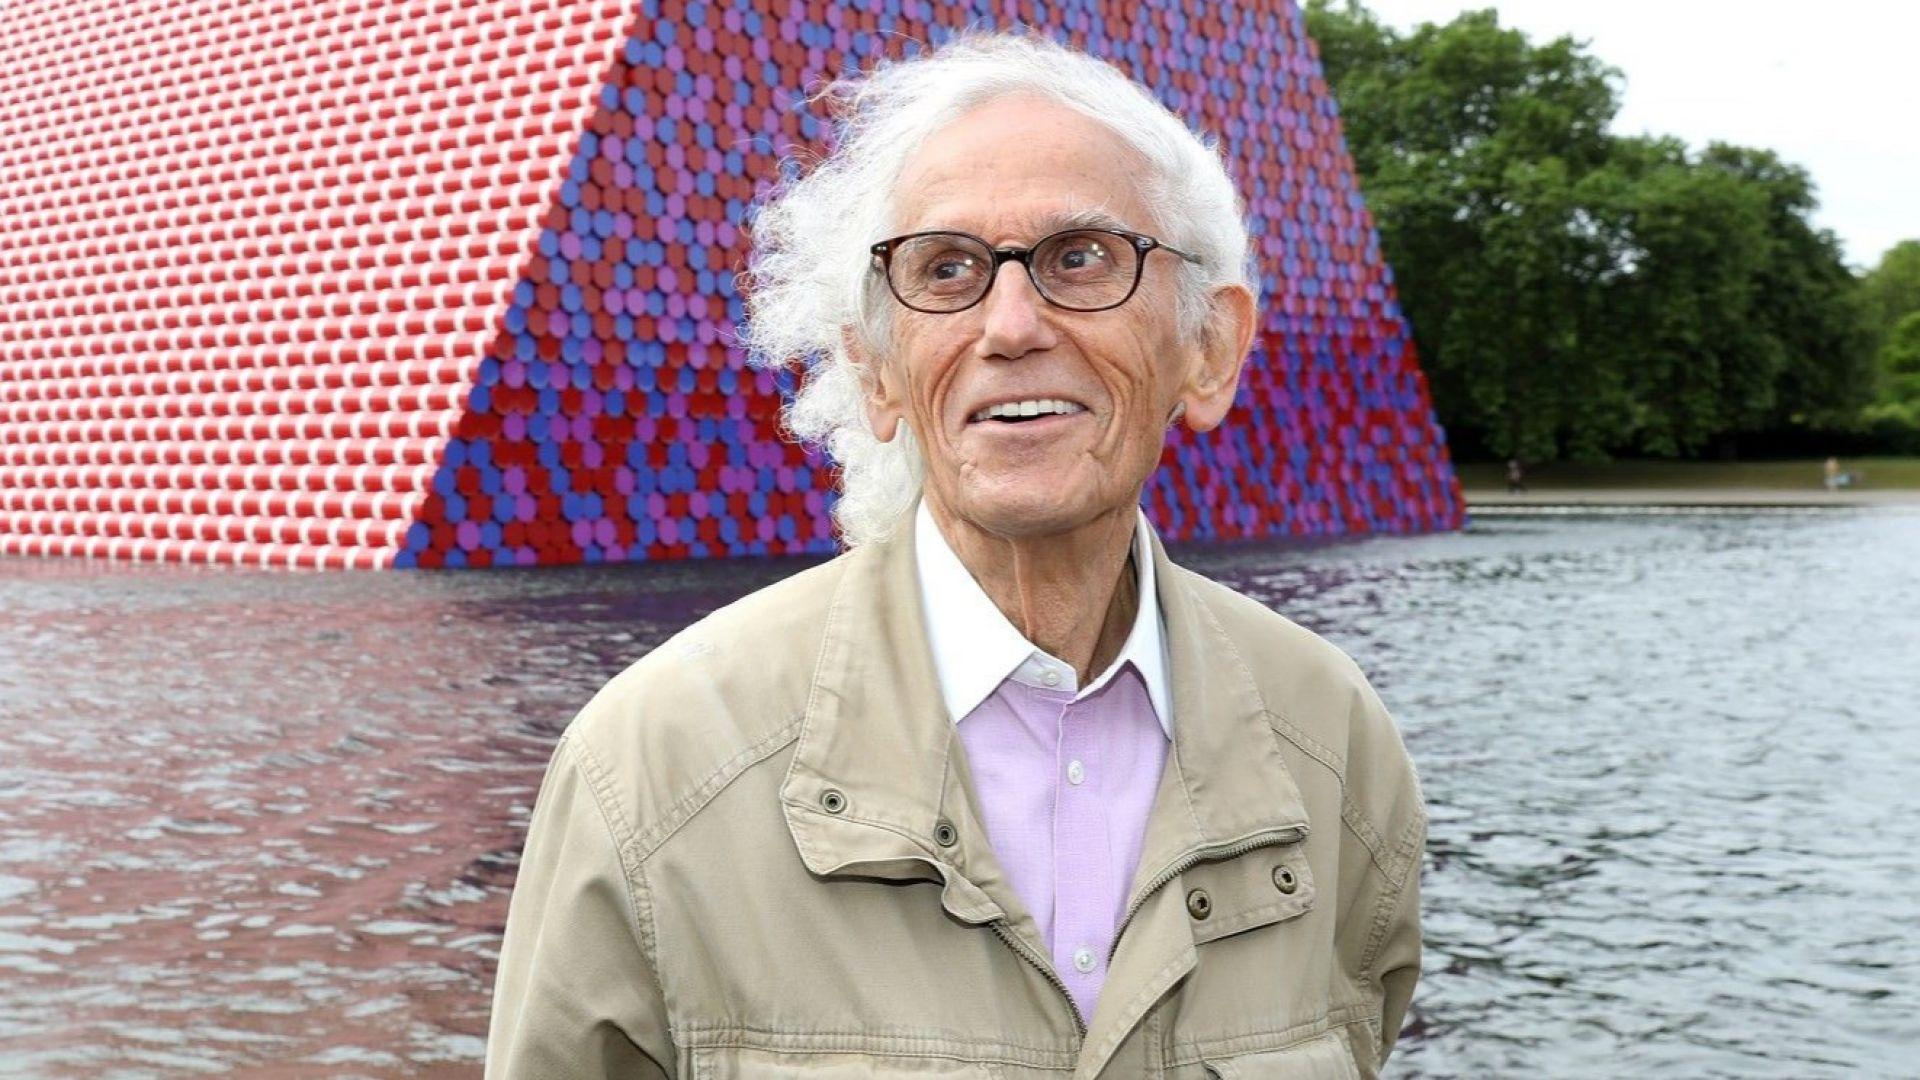 Световноизвестният художник, роден в България, Христо Явашев - Кристо почина